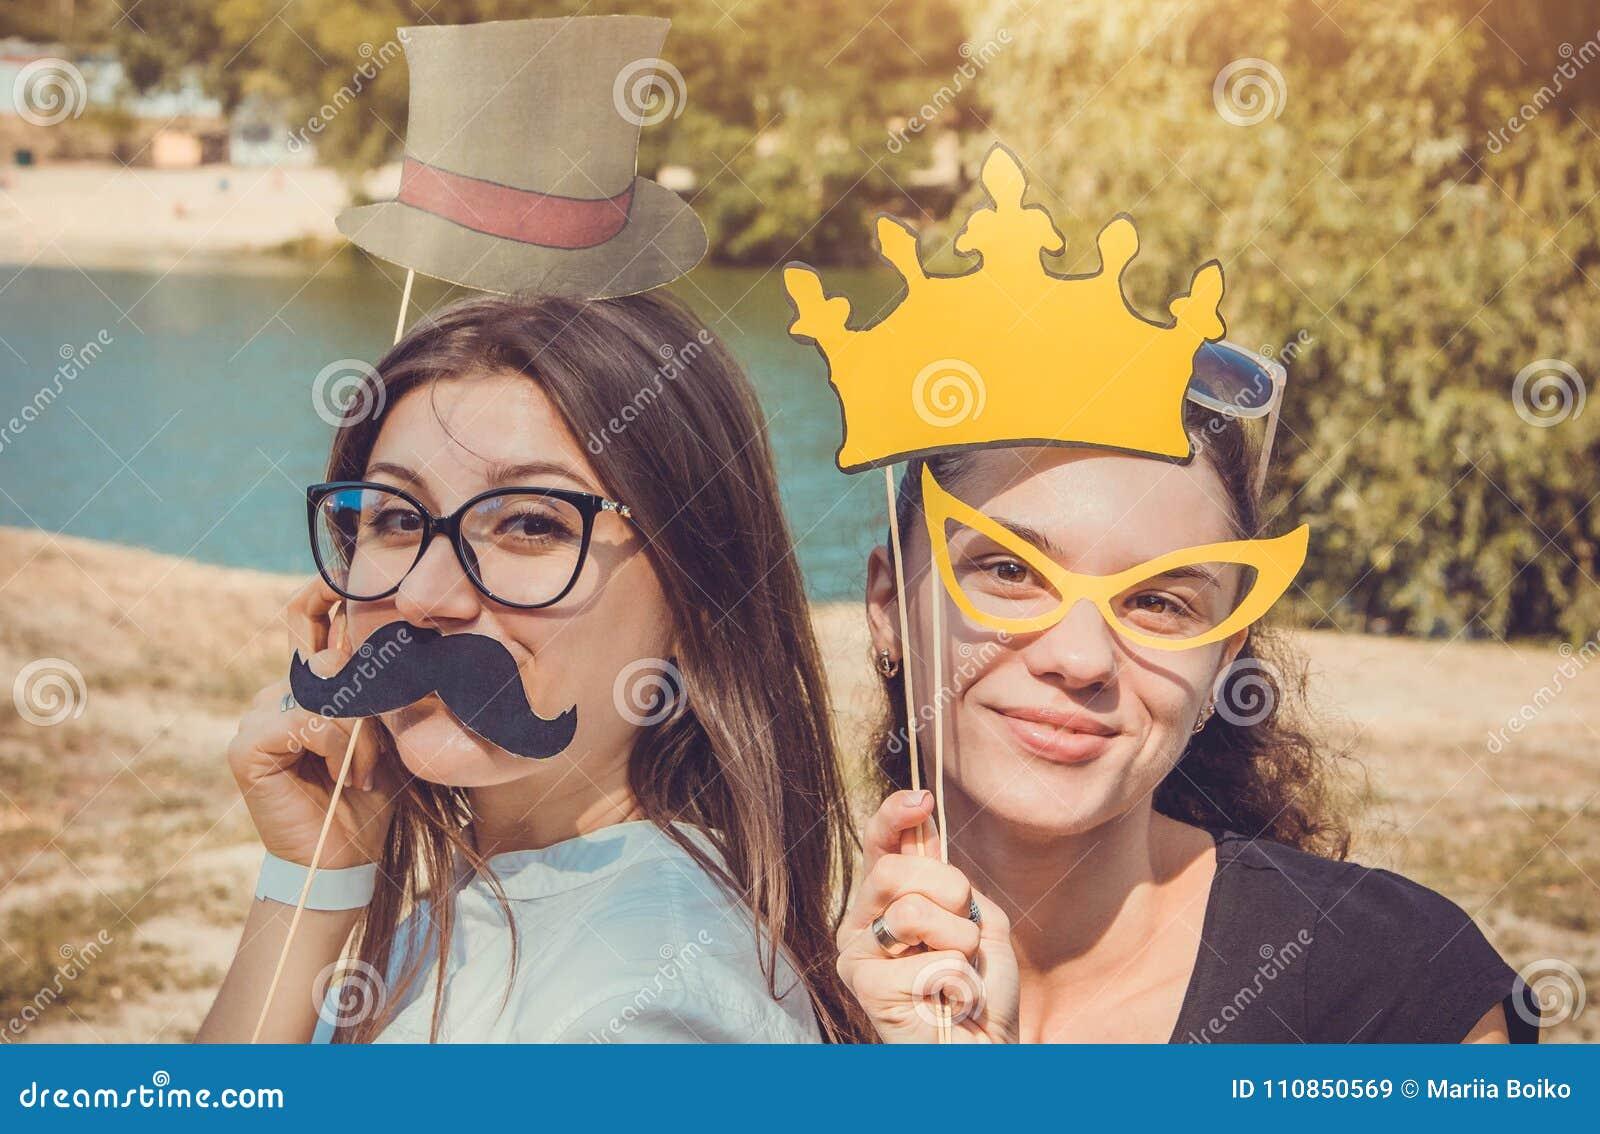 Δύο νέες γυναίκες που θέτουν χρησιμοποιώντας τα στηρίγματα θαλάμων φωτογραφιών